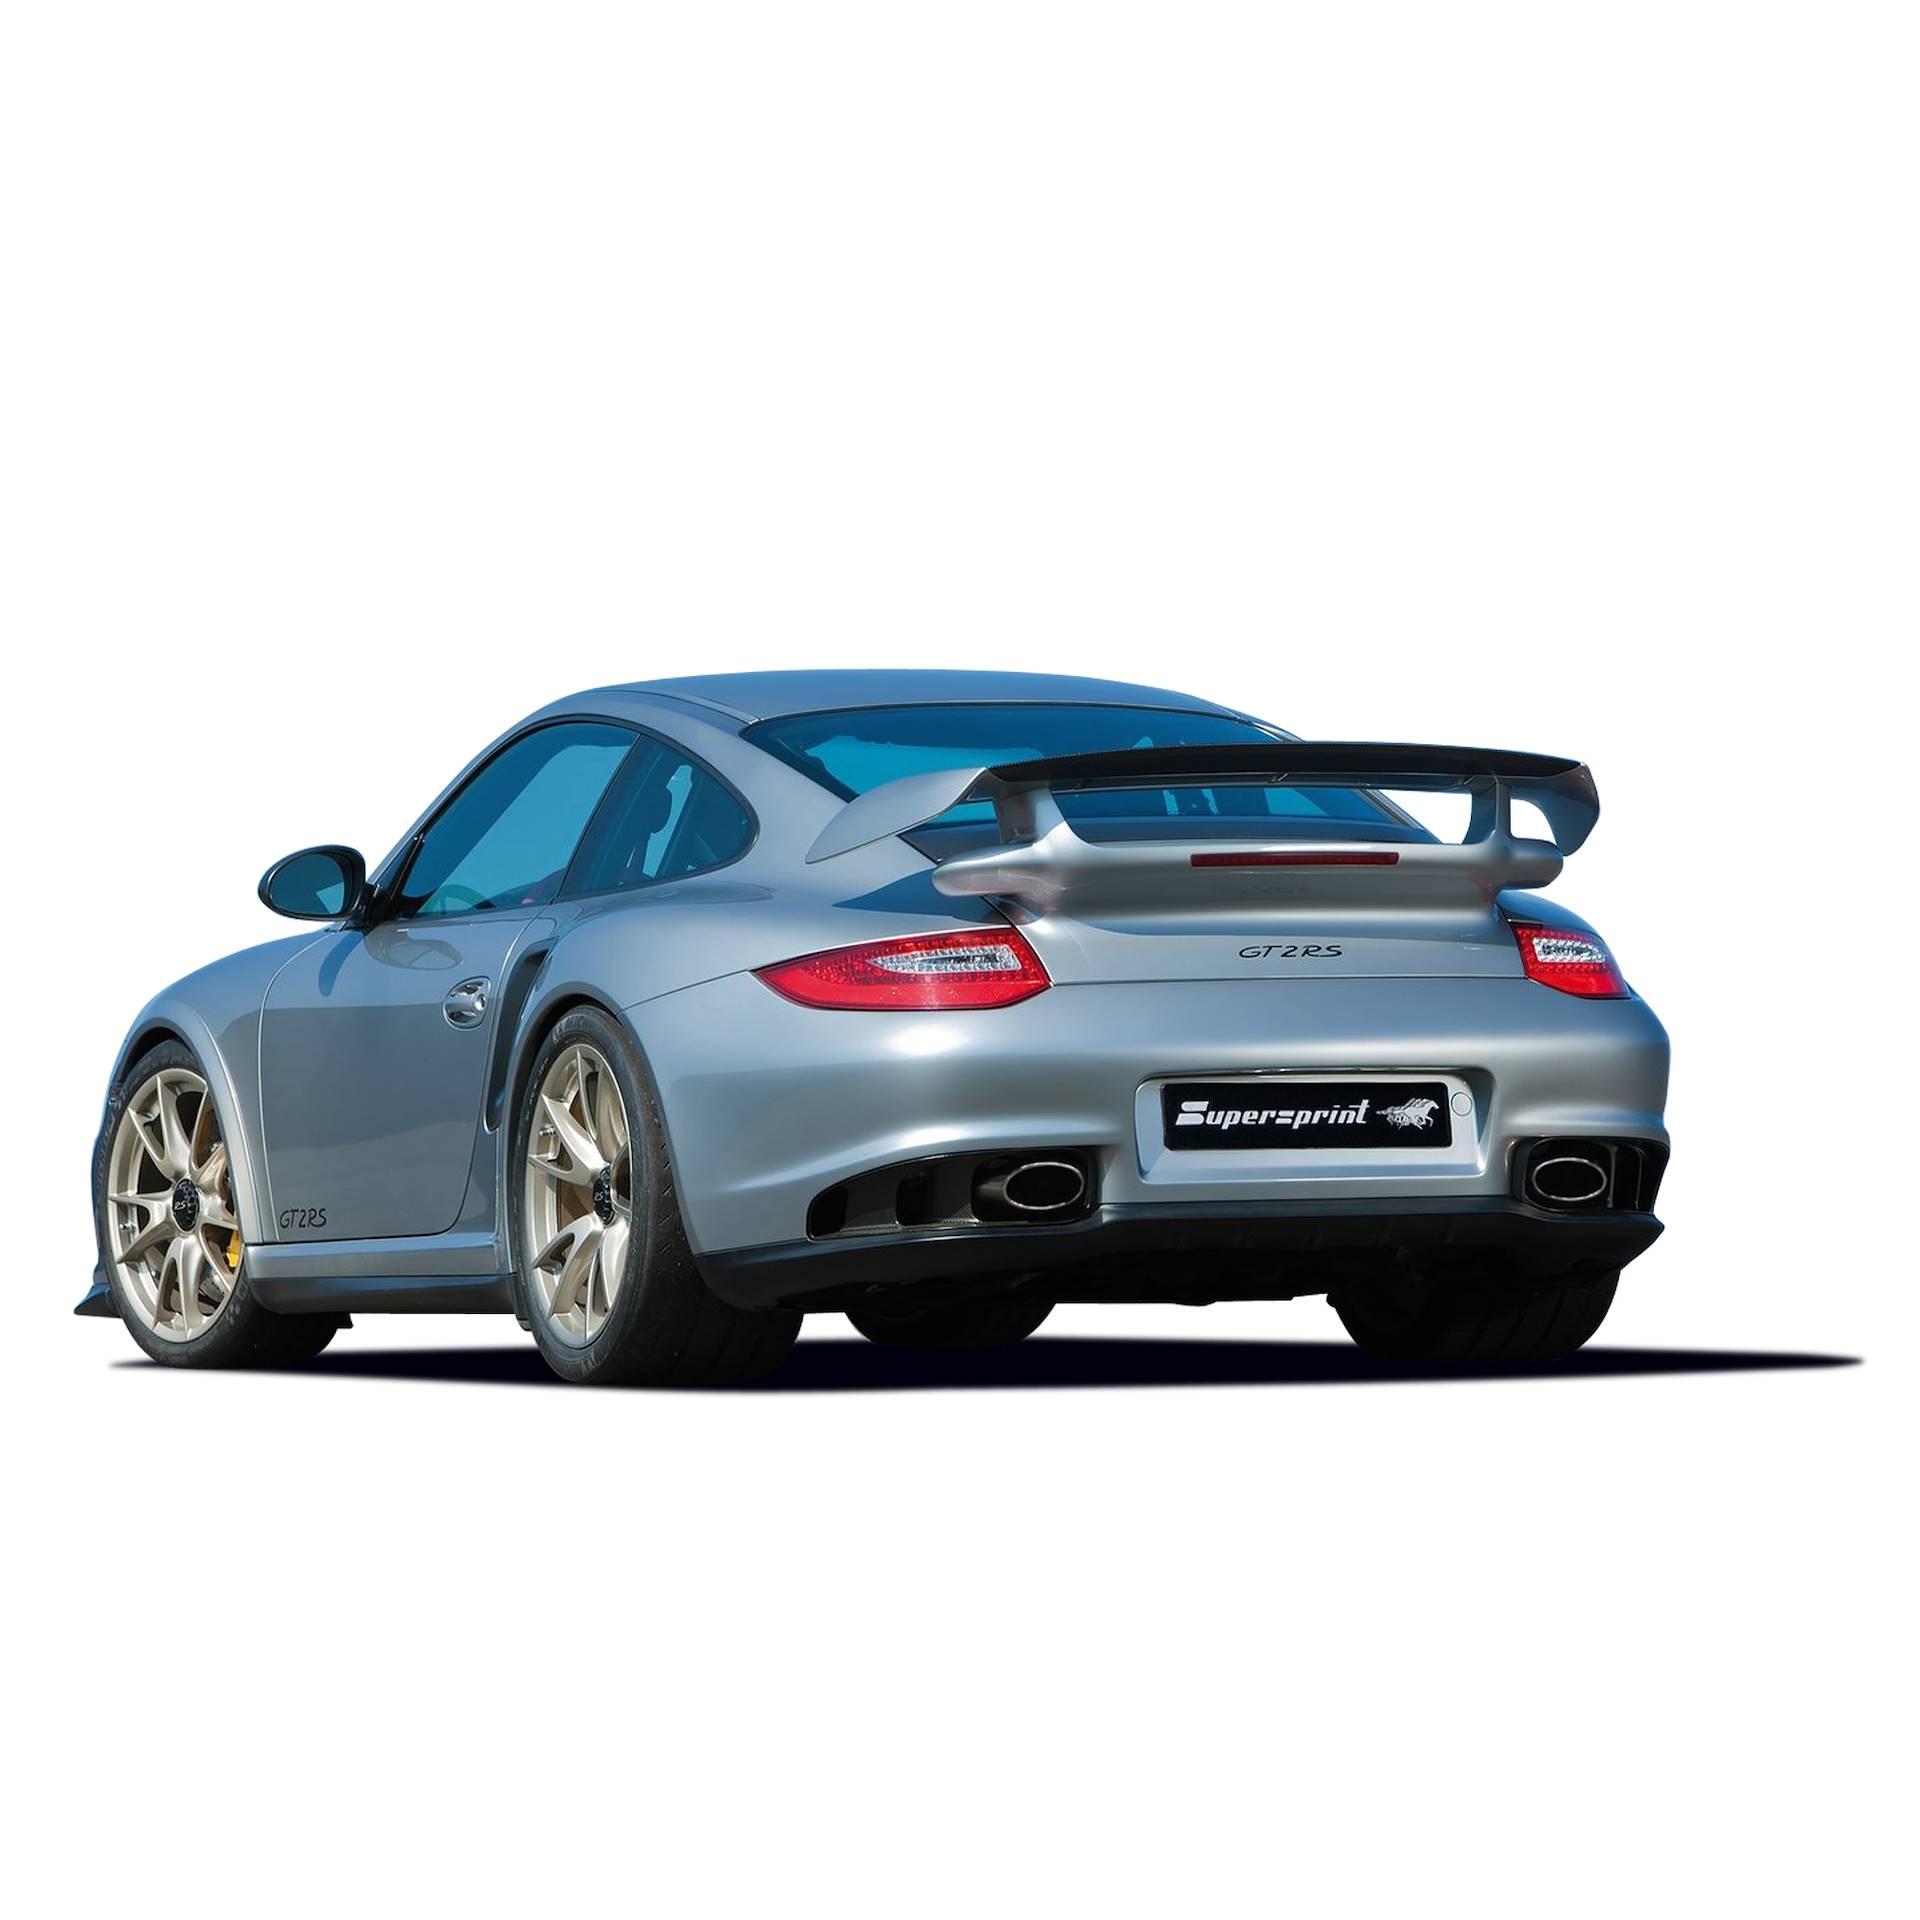 Performance Sport Exhaust For Porsche 997 2 Gt2 Rs